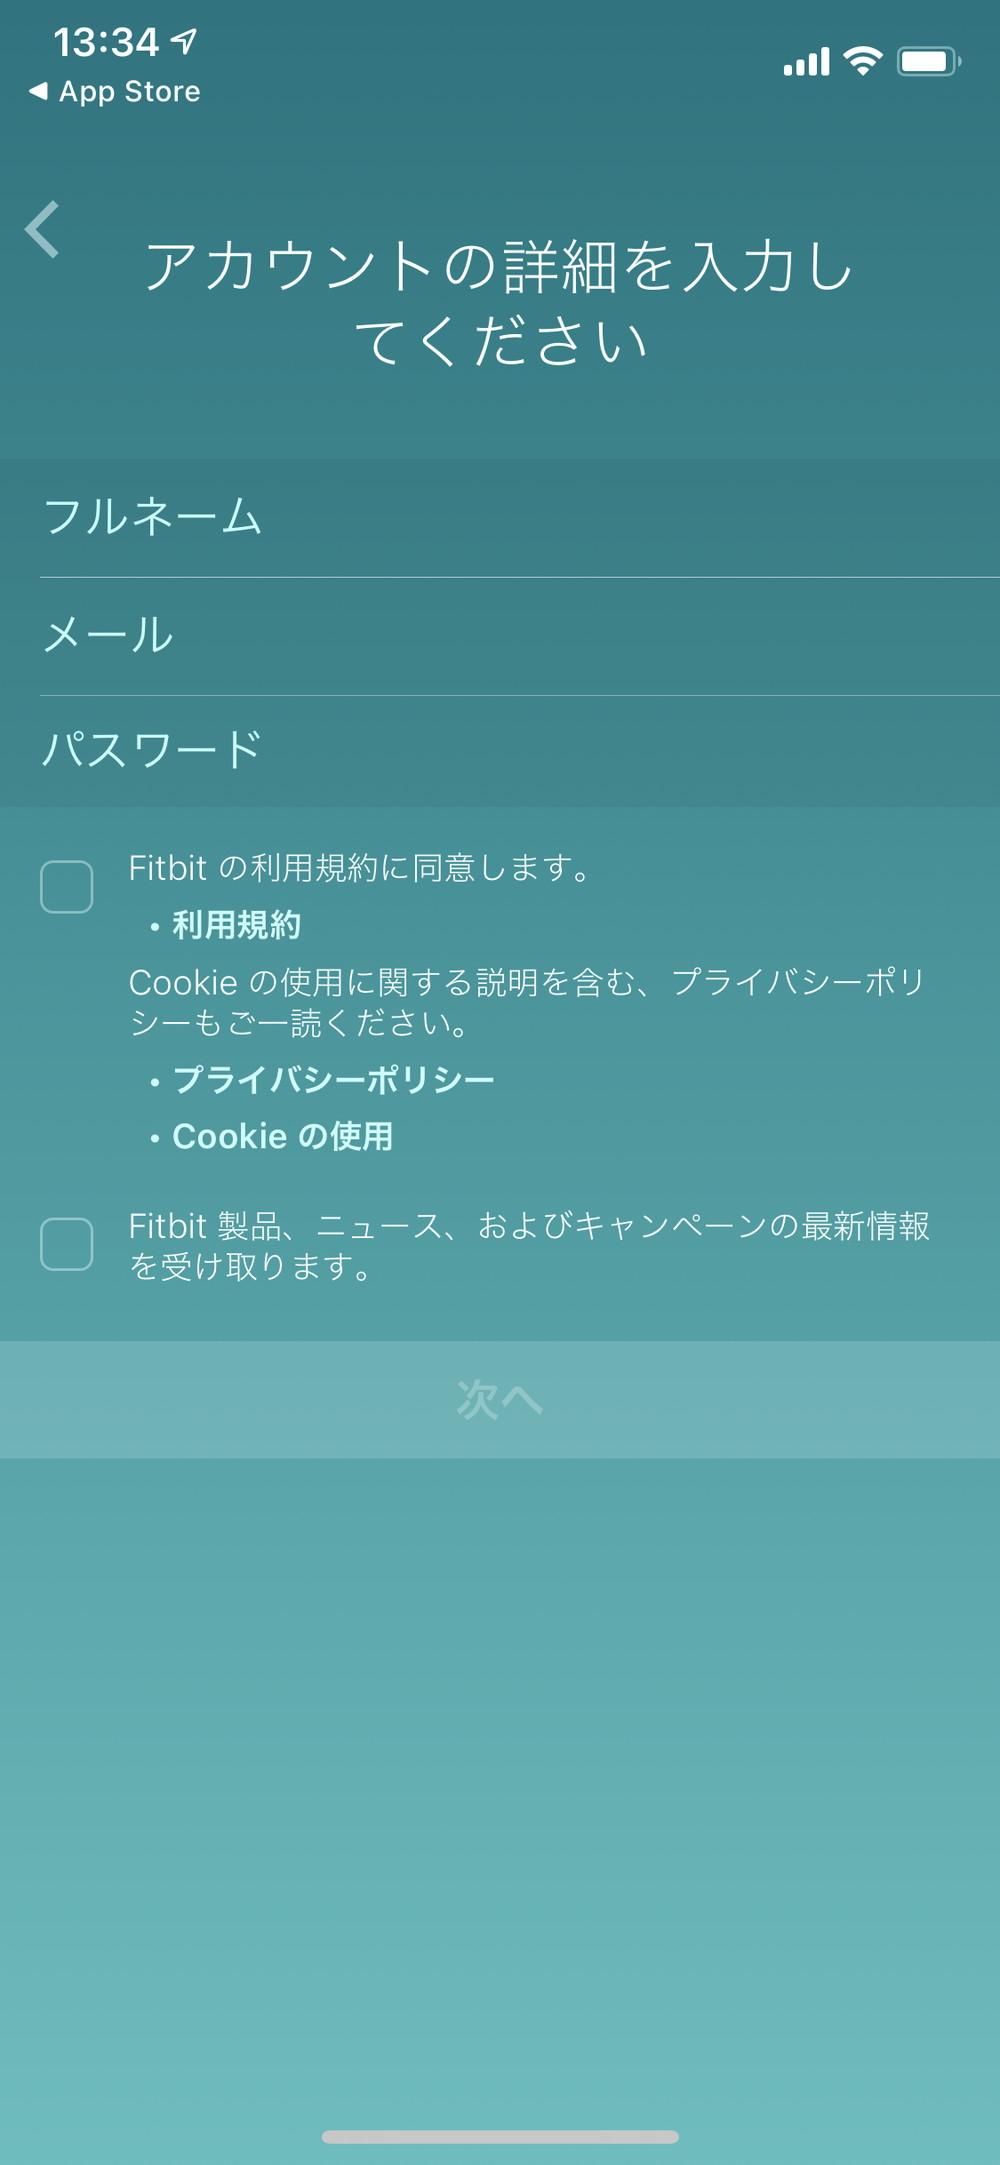 Fitbit アカウントの詳細を入力してください